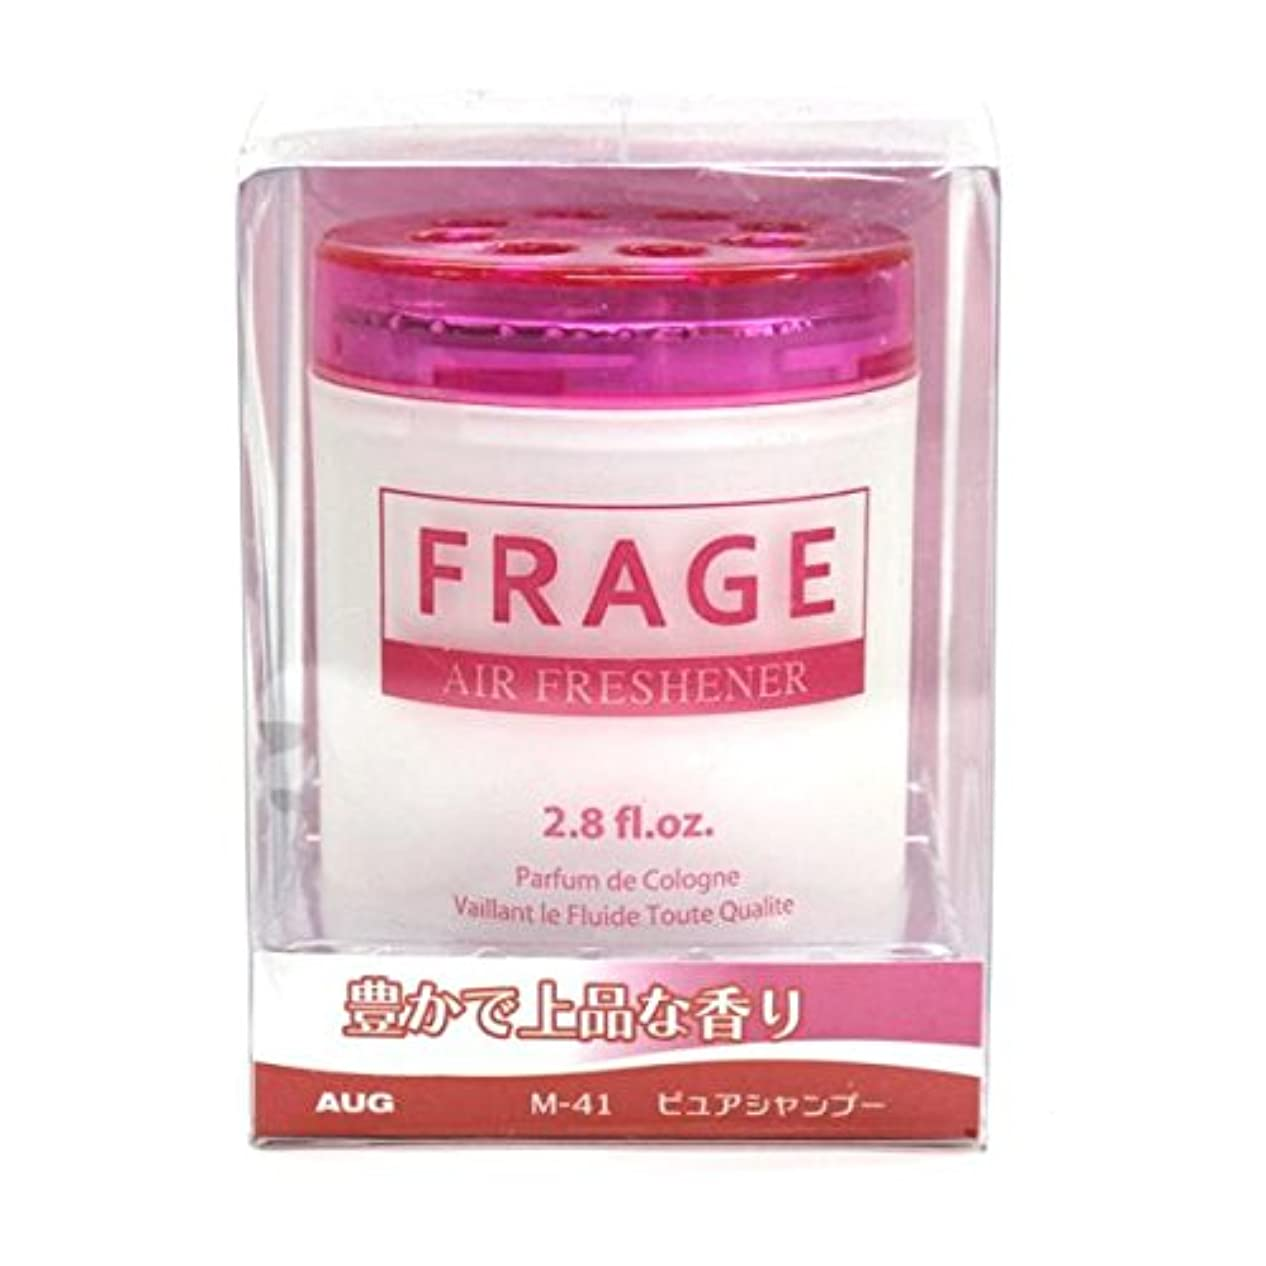 振り向くアクティブブレンドAUG 芳香剤 ピュアシャンプー FRAGE フラージュ M-41